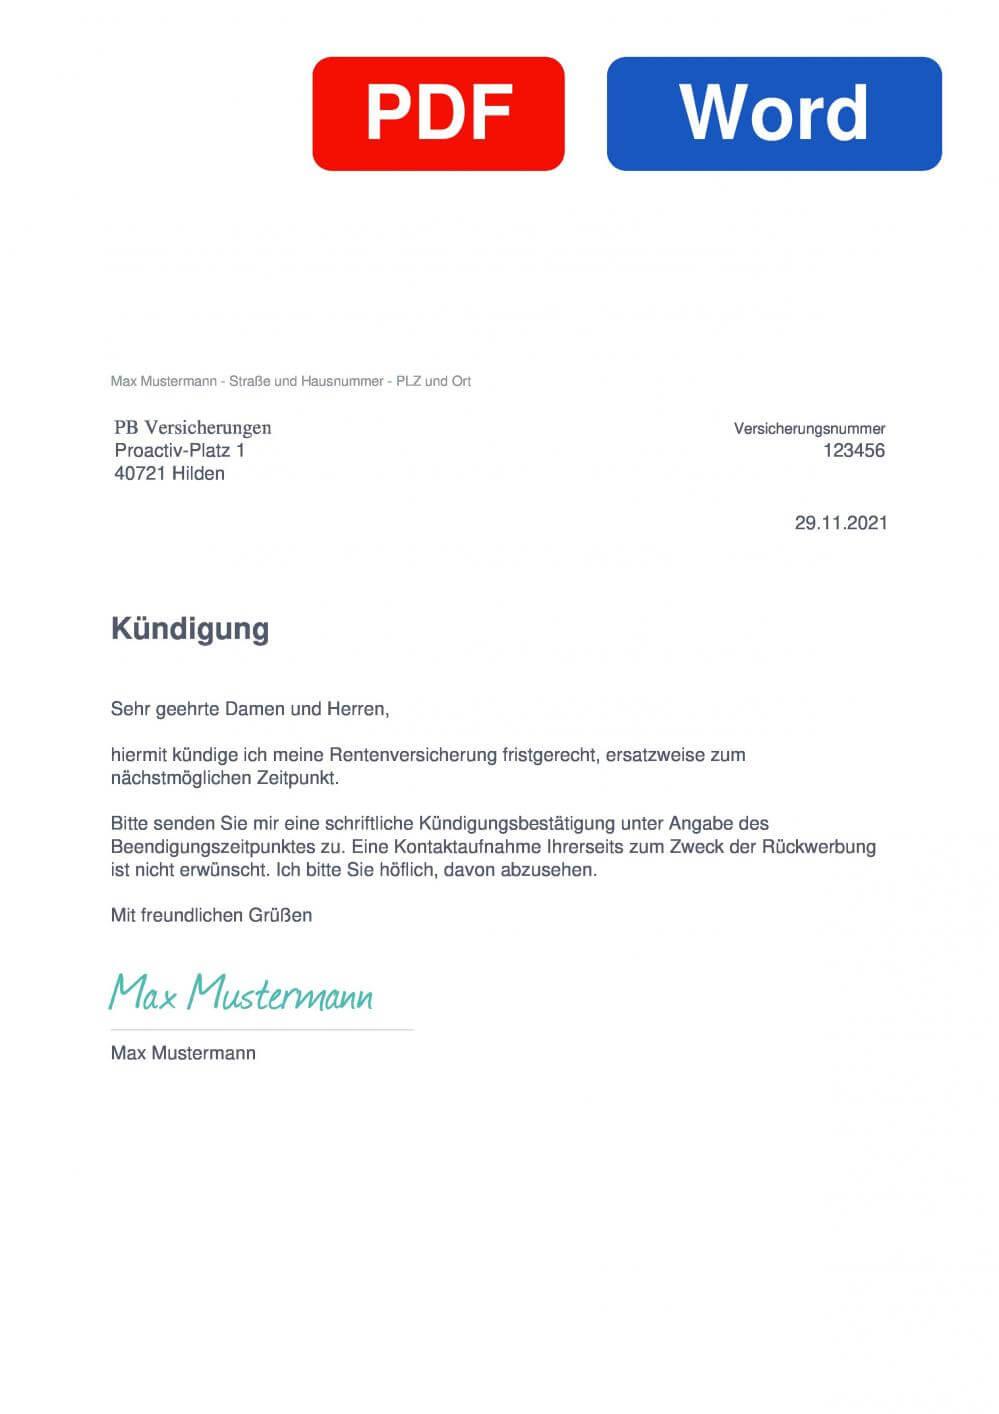 Postbank Rentenversicherung Muster Vorlage für Kündigungsschreiben